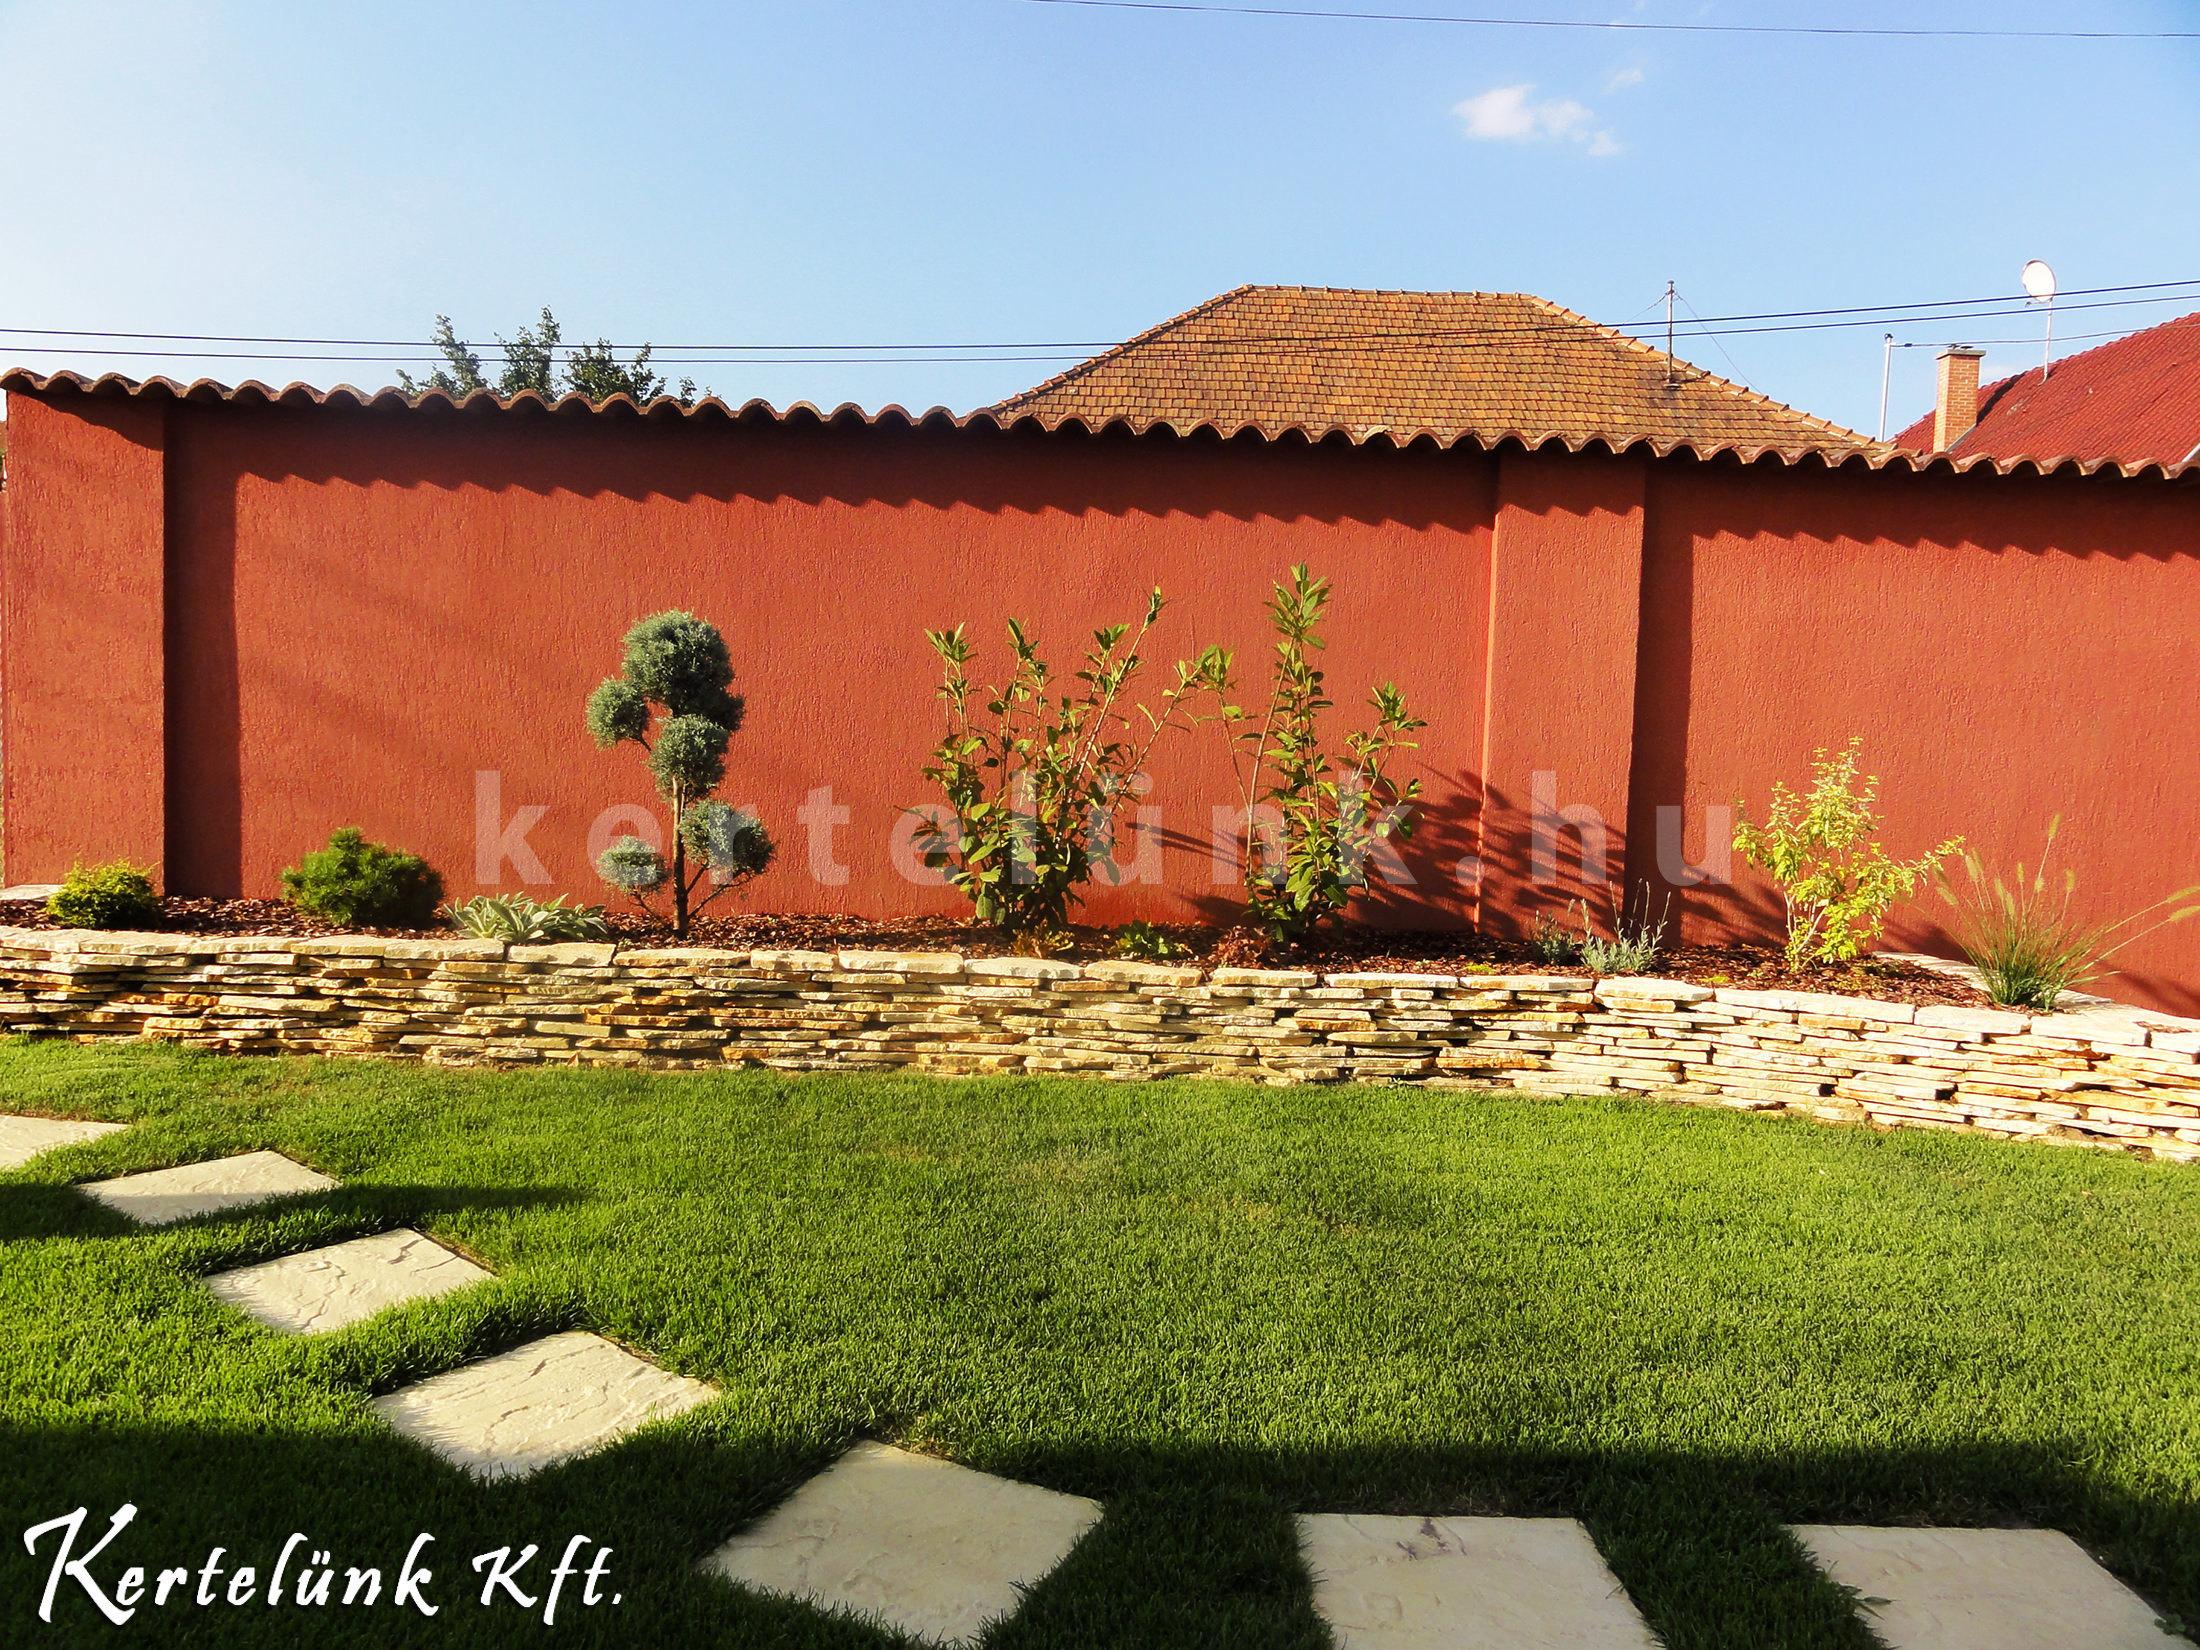 Mediterrán színek és a határozott vonalvezetés teszik különlegessé ezt a kertet.